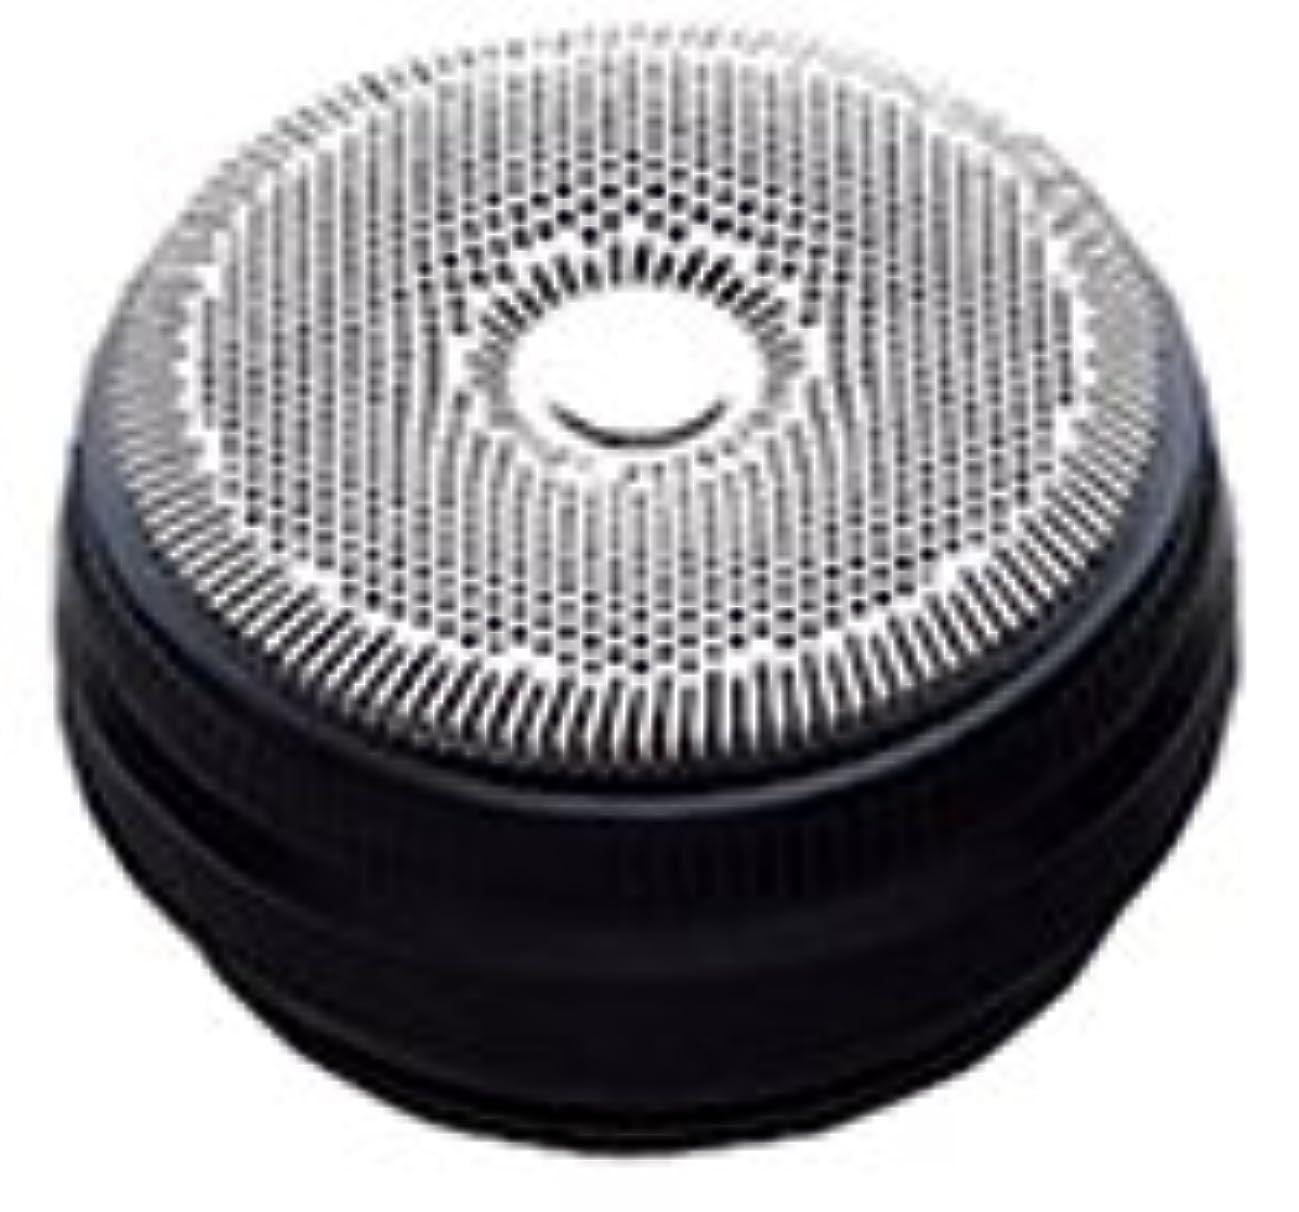 デコラティブ真空準備したパナソニック 替刃 メンズシェーバー用 セット刃 ES9664